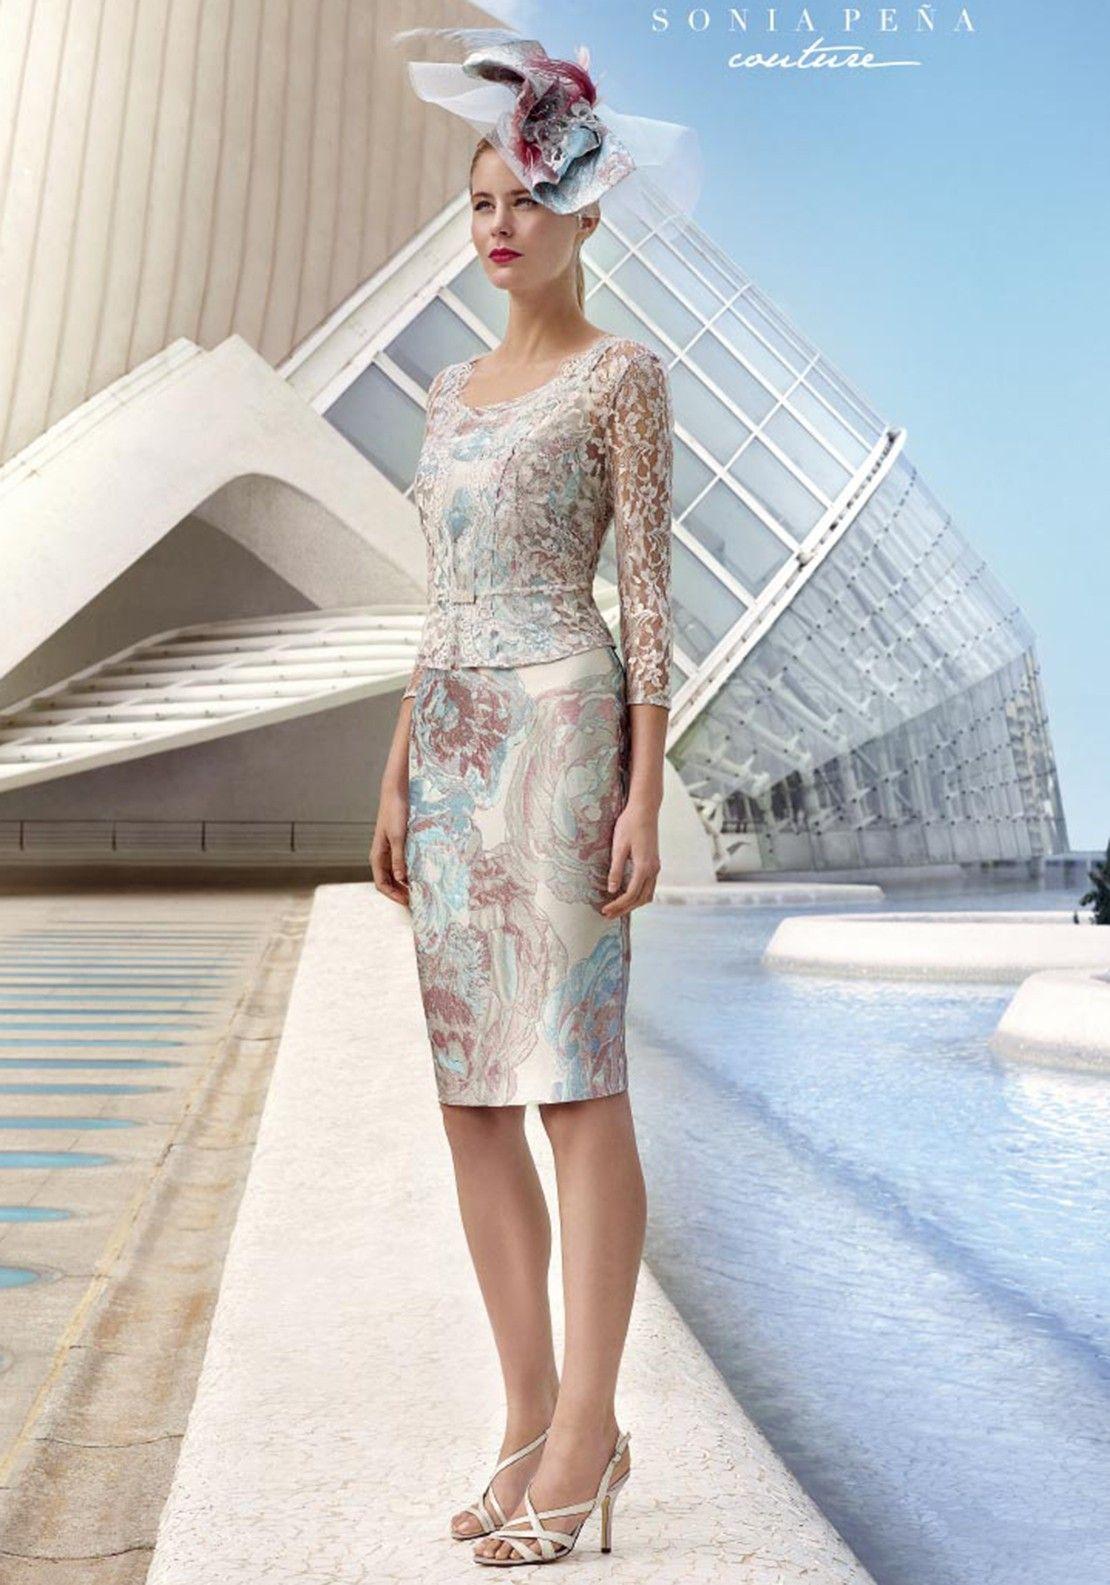 bad5172e8 Sonia Pena Floral Dress & Lace Jacket, Silver Multi in 2019 | moda ...